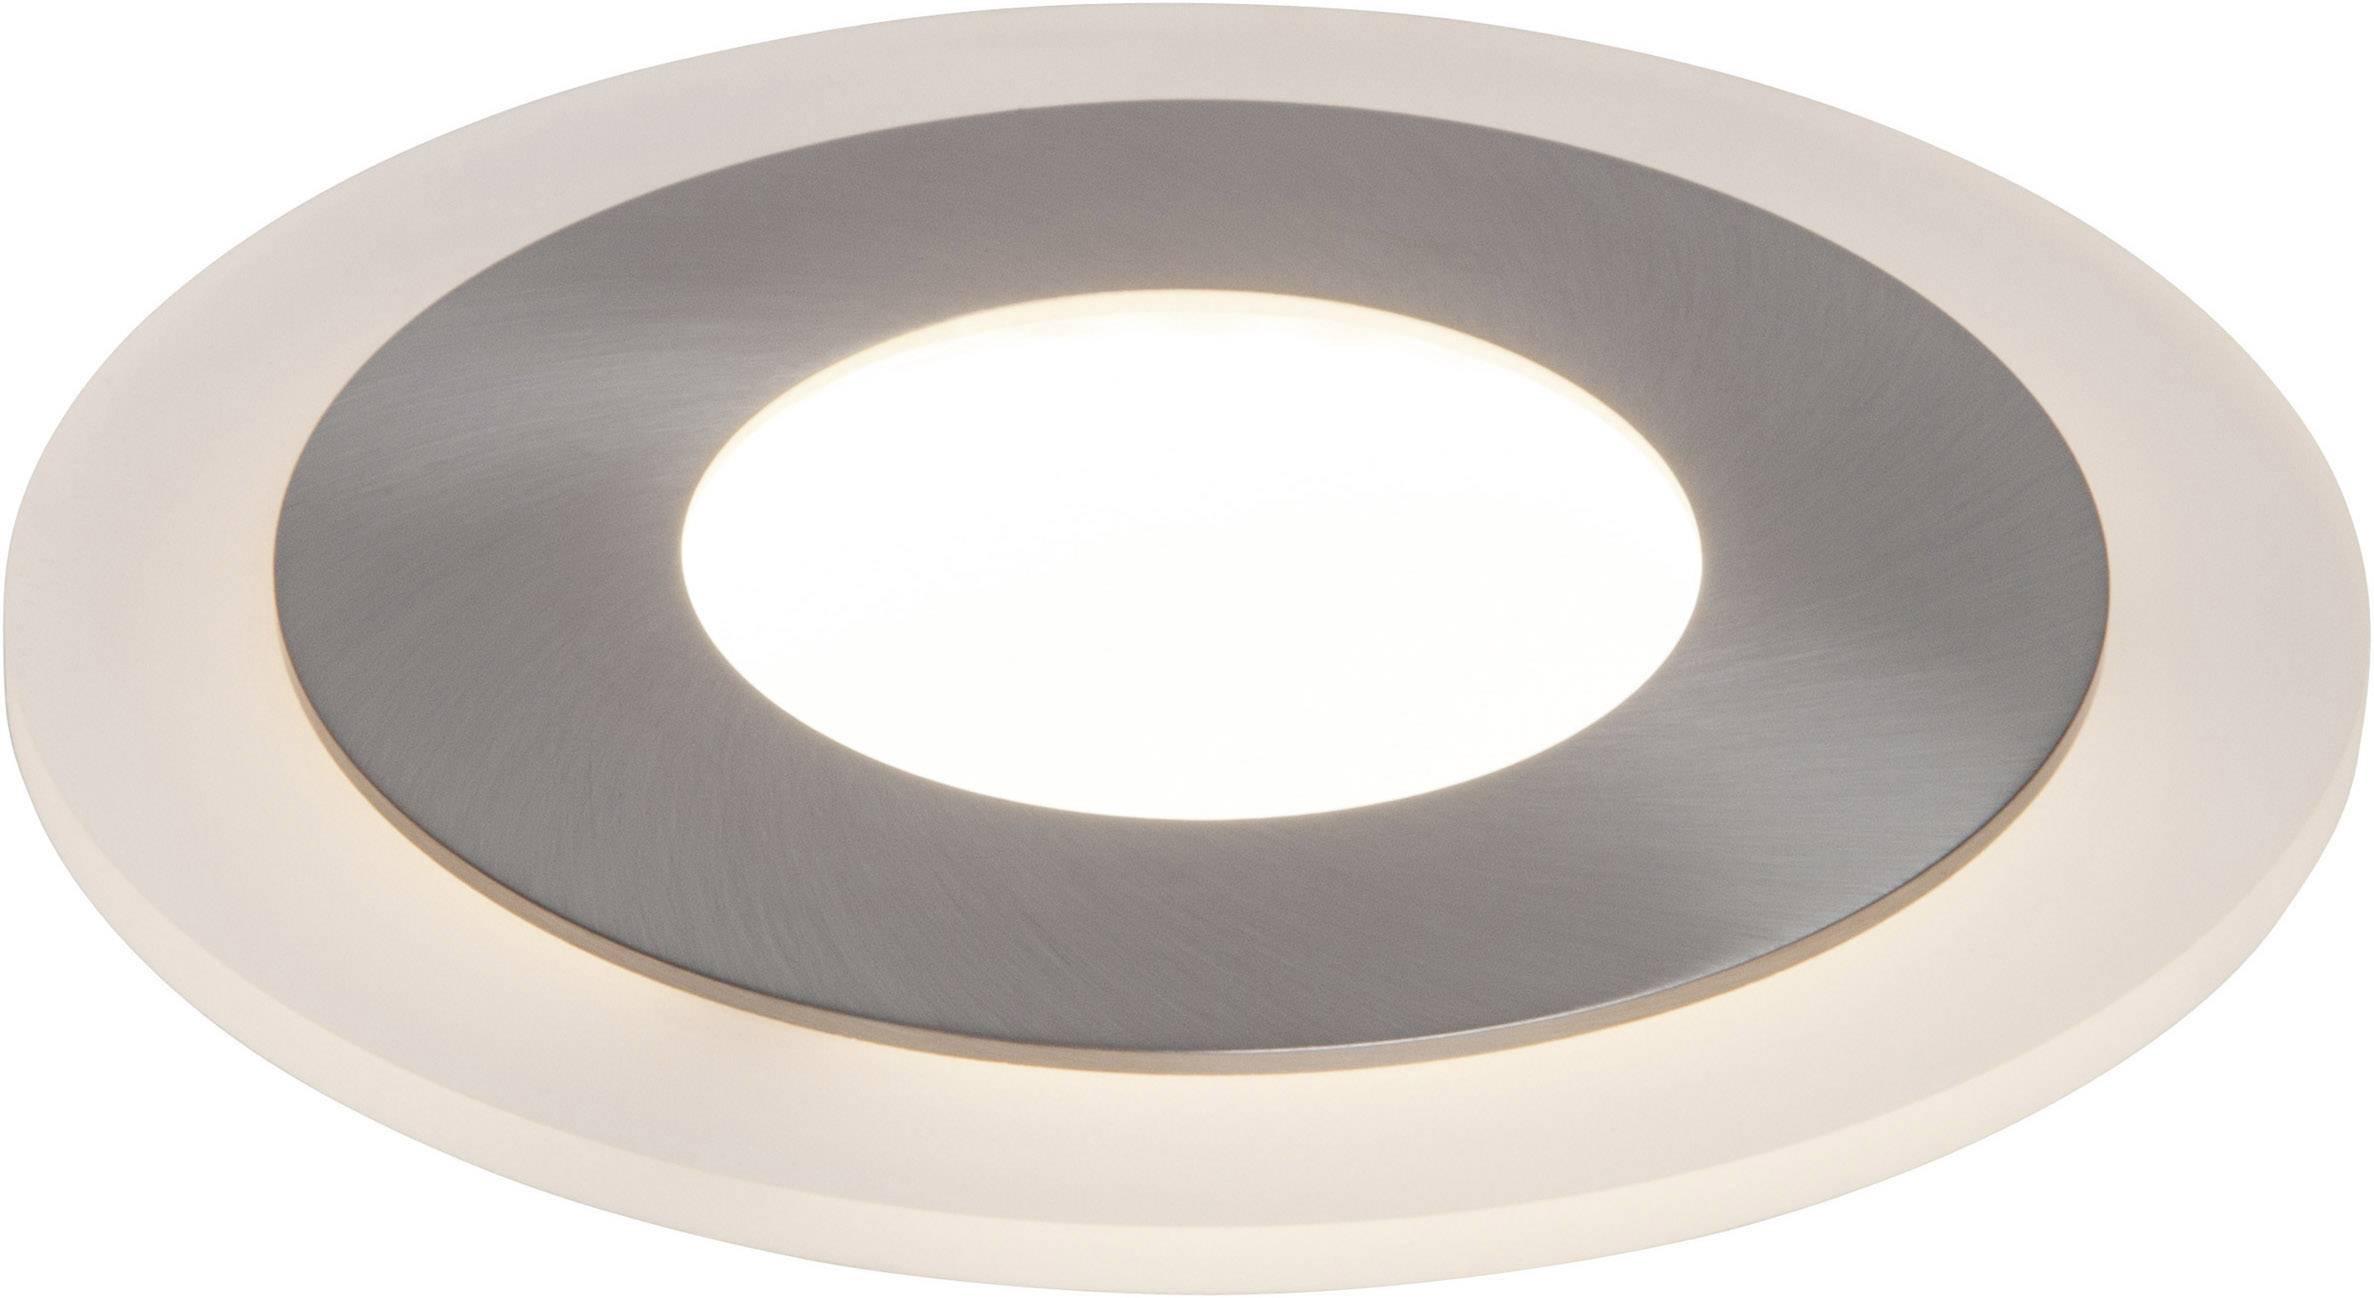 AEG Orbita Deco AEG191148 LED Einbauleuchte 5 W Warm Weiß Nickel (gebürstet)